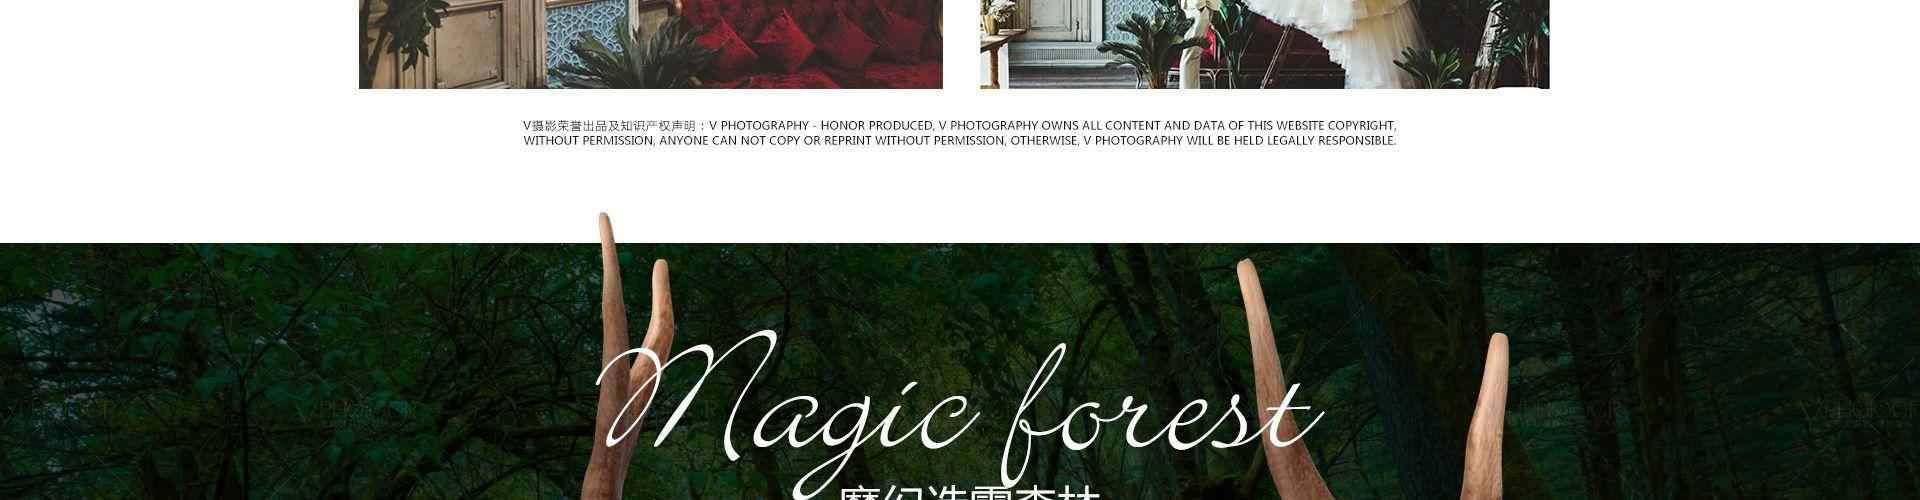 不出影棚,拍遍全球浪漫美景《路威酩轩》